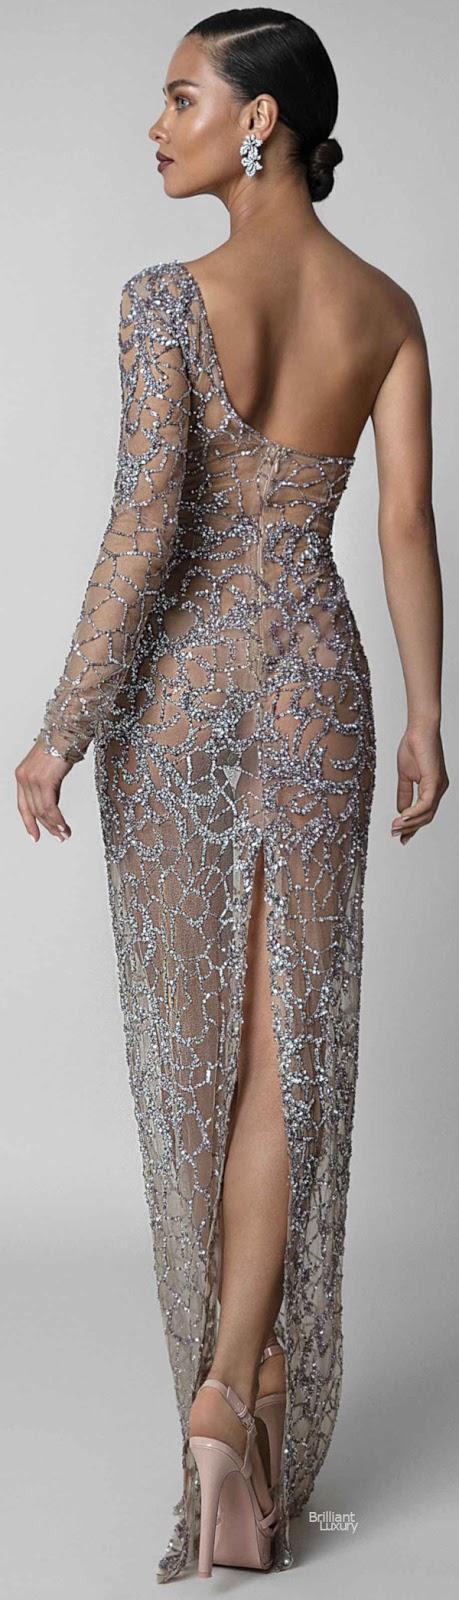 Brilliant Luxury♦Berta Evening Couture